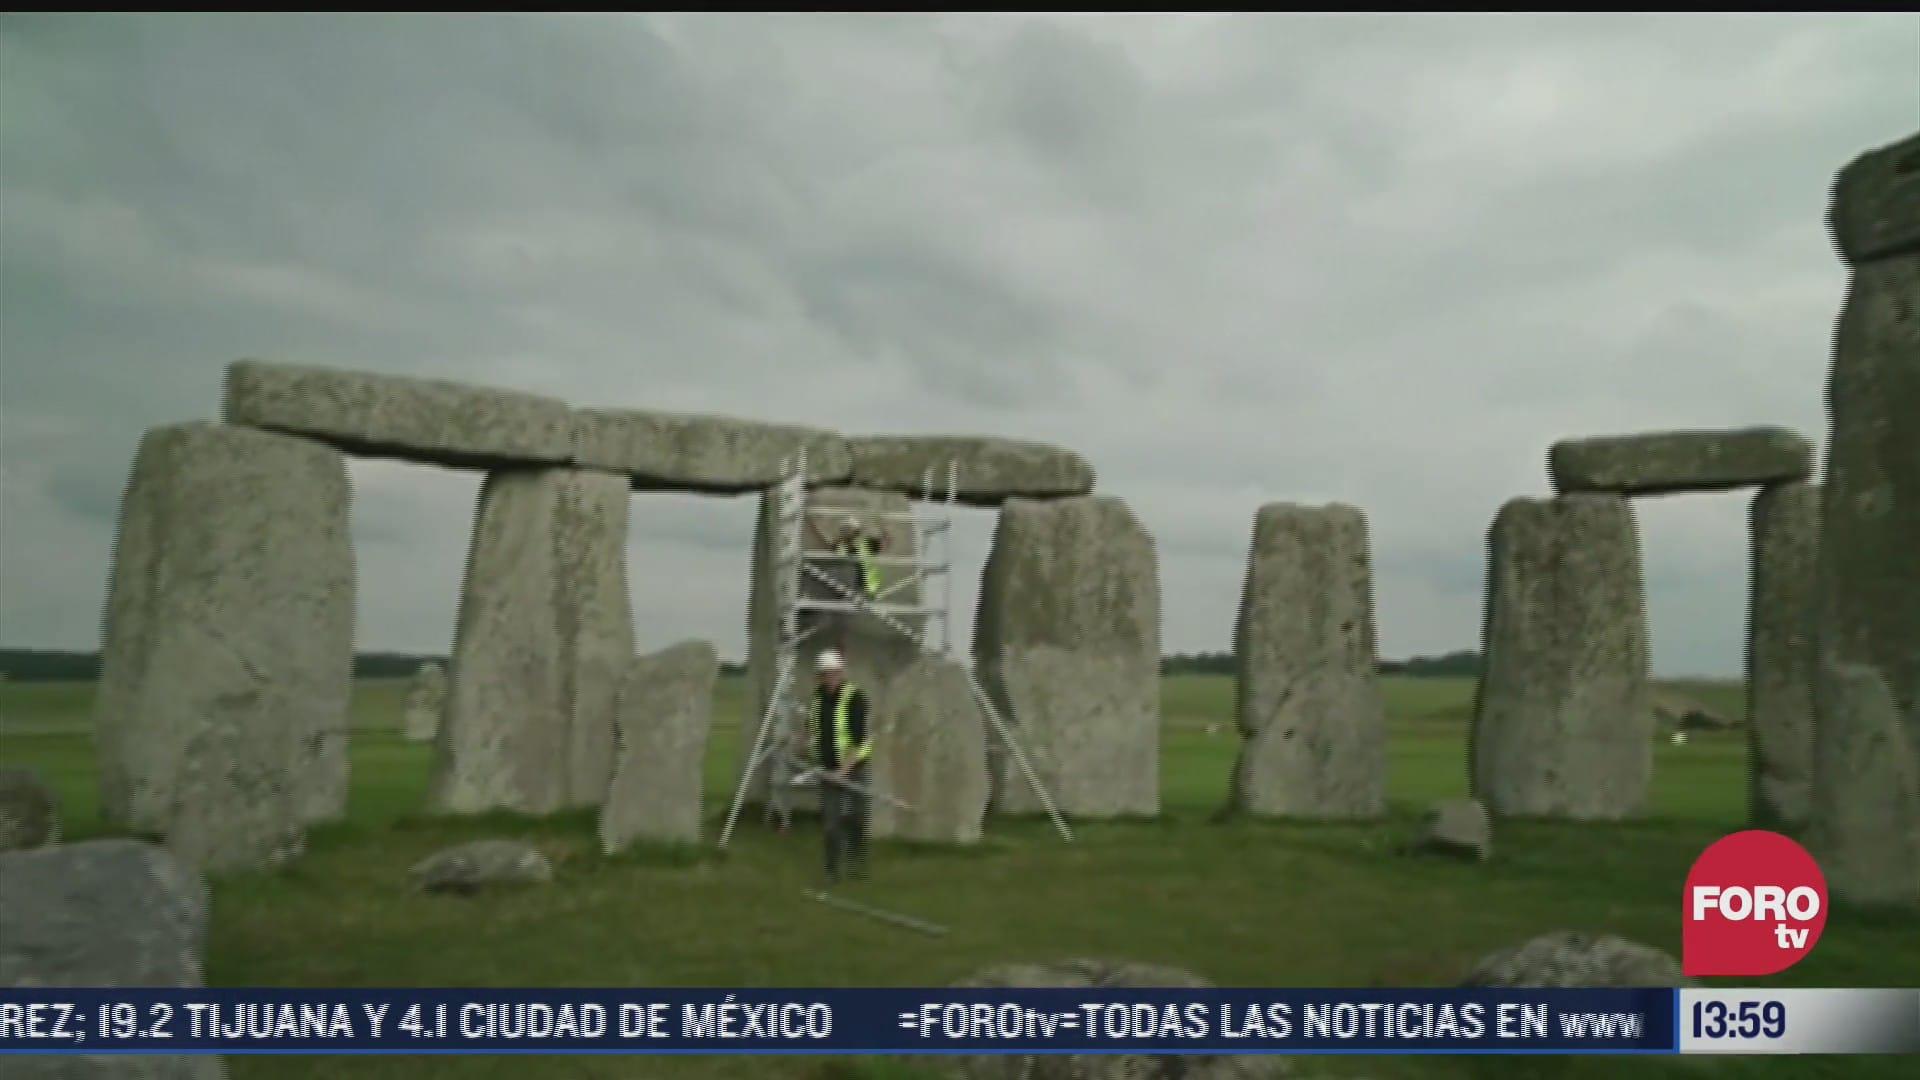 comienzan trabajos de remodelacion en el monumento stonehenge en reino unido